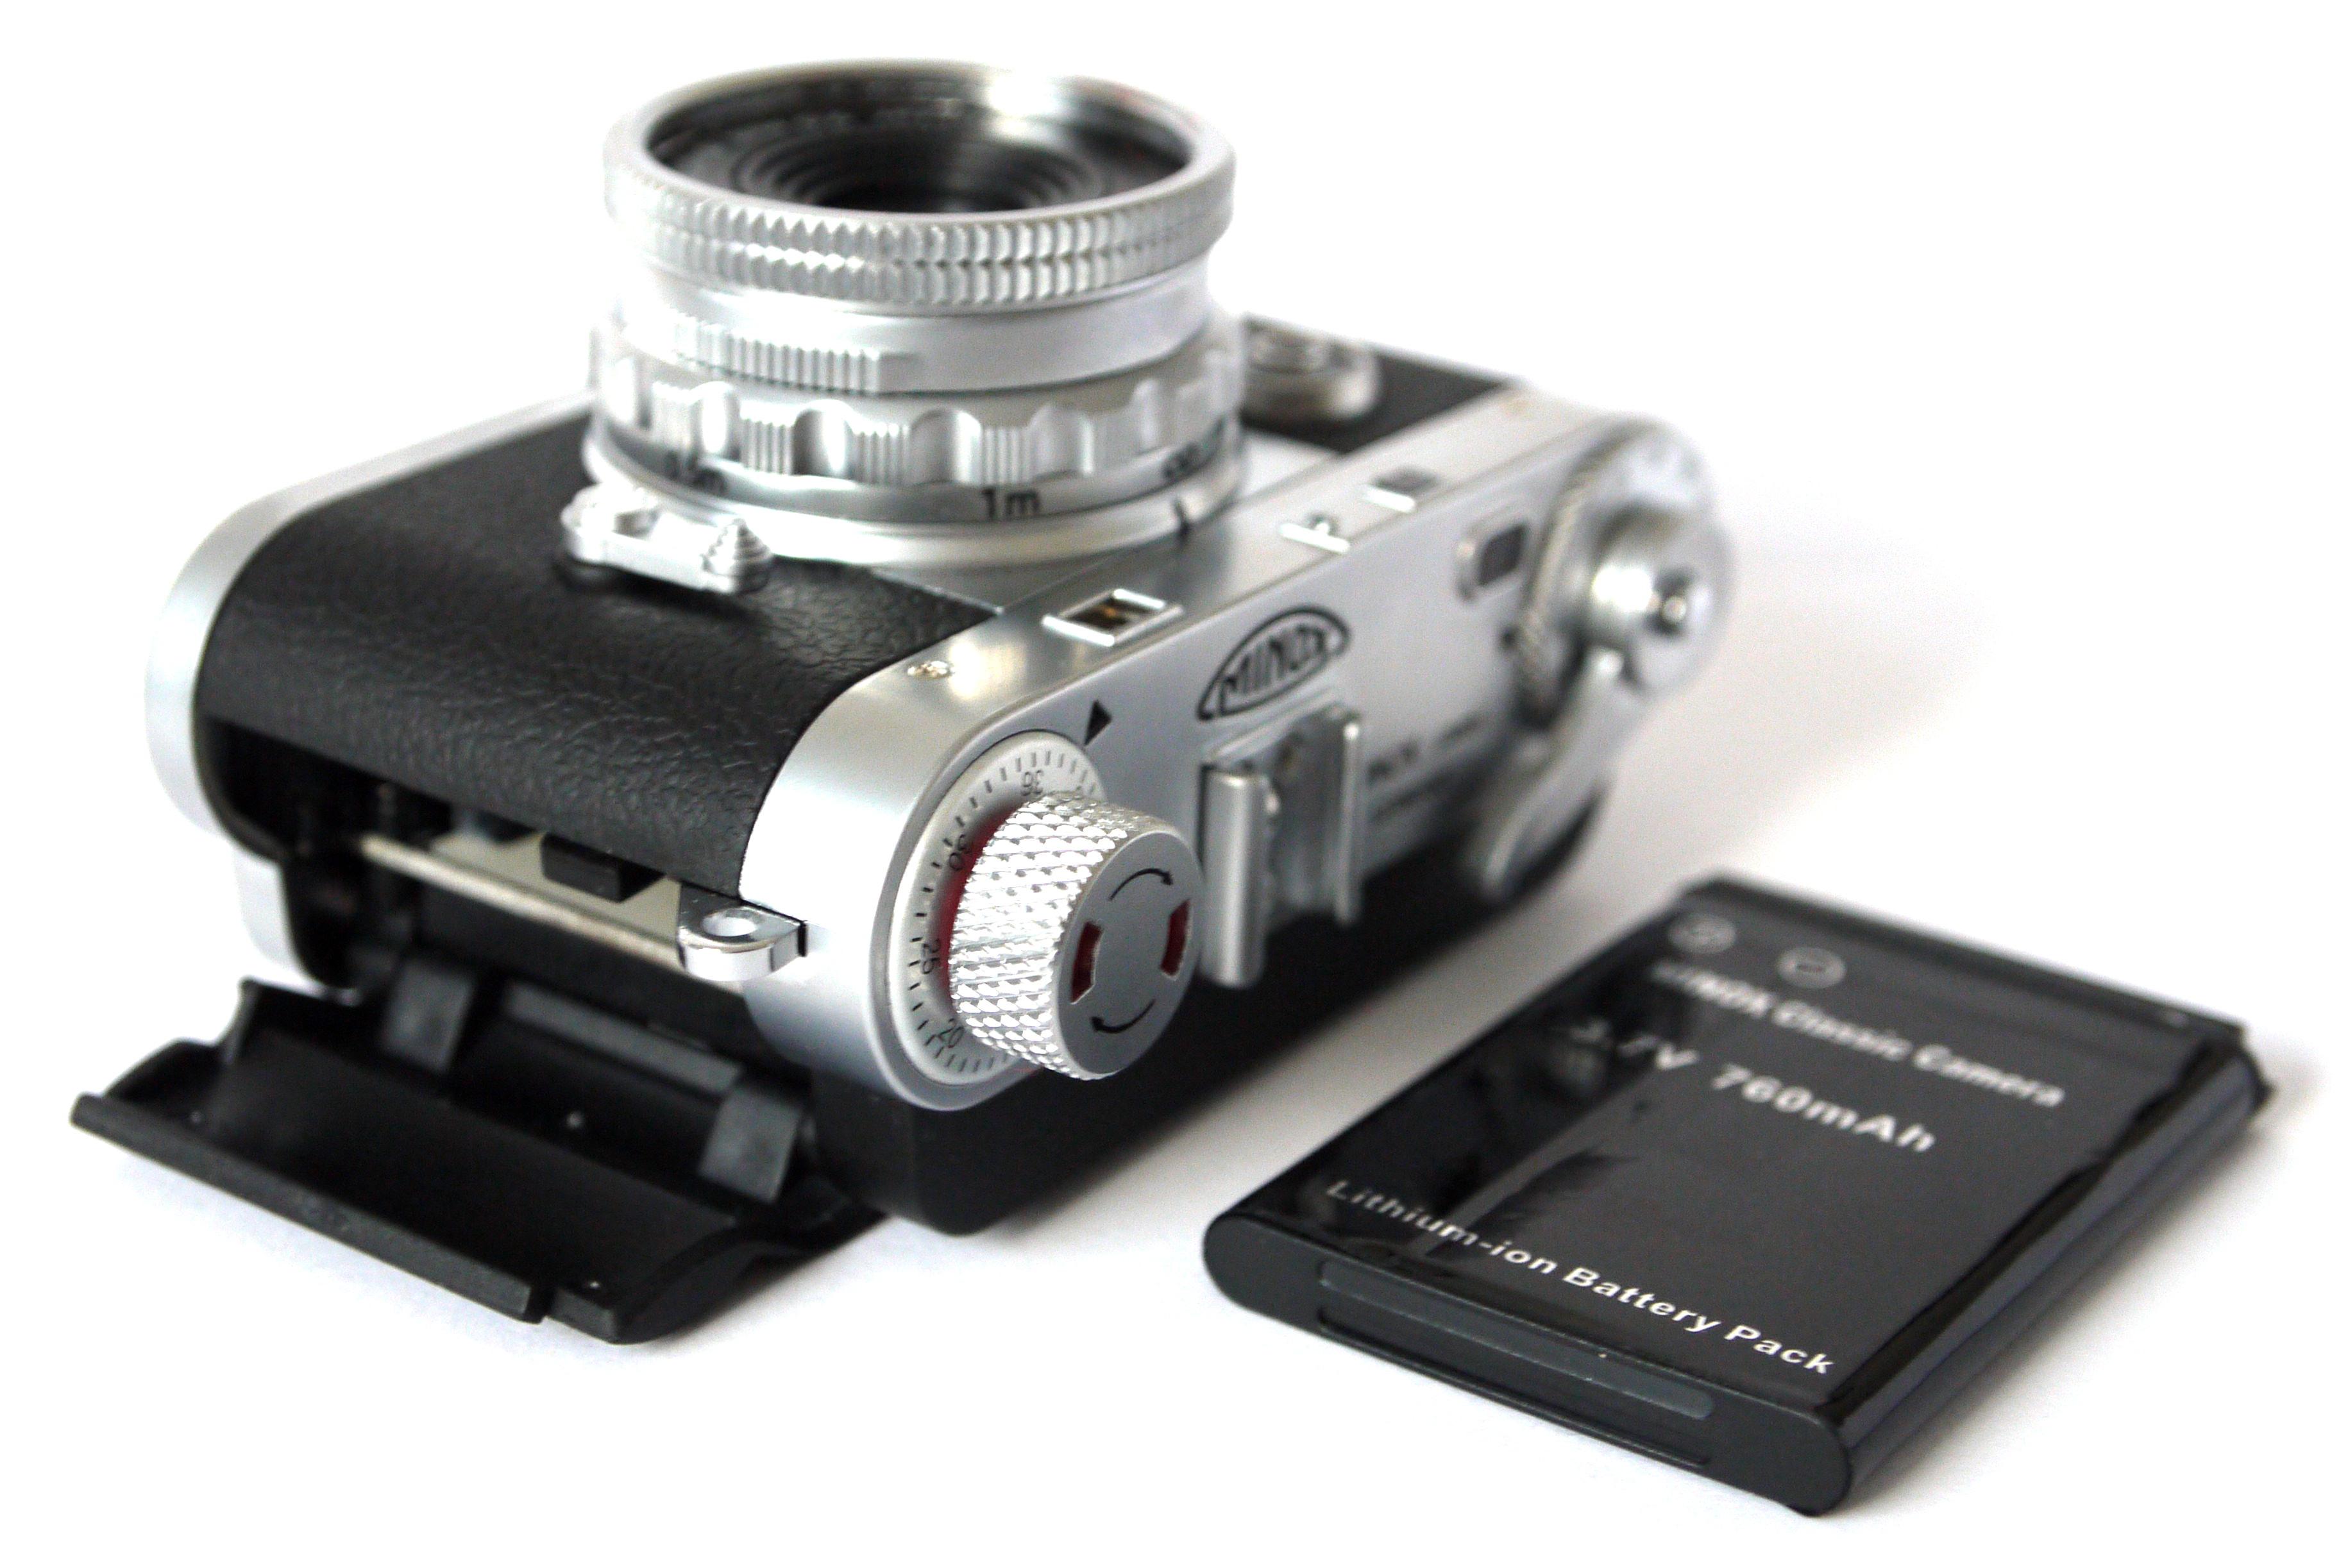 Minox Digital Classic Camera Dcc 5 1mp Review